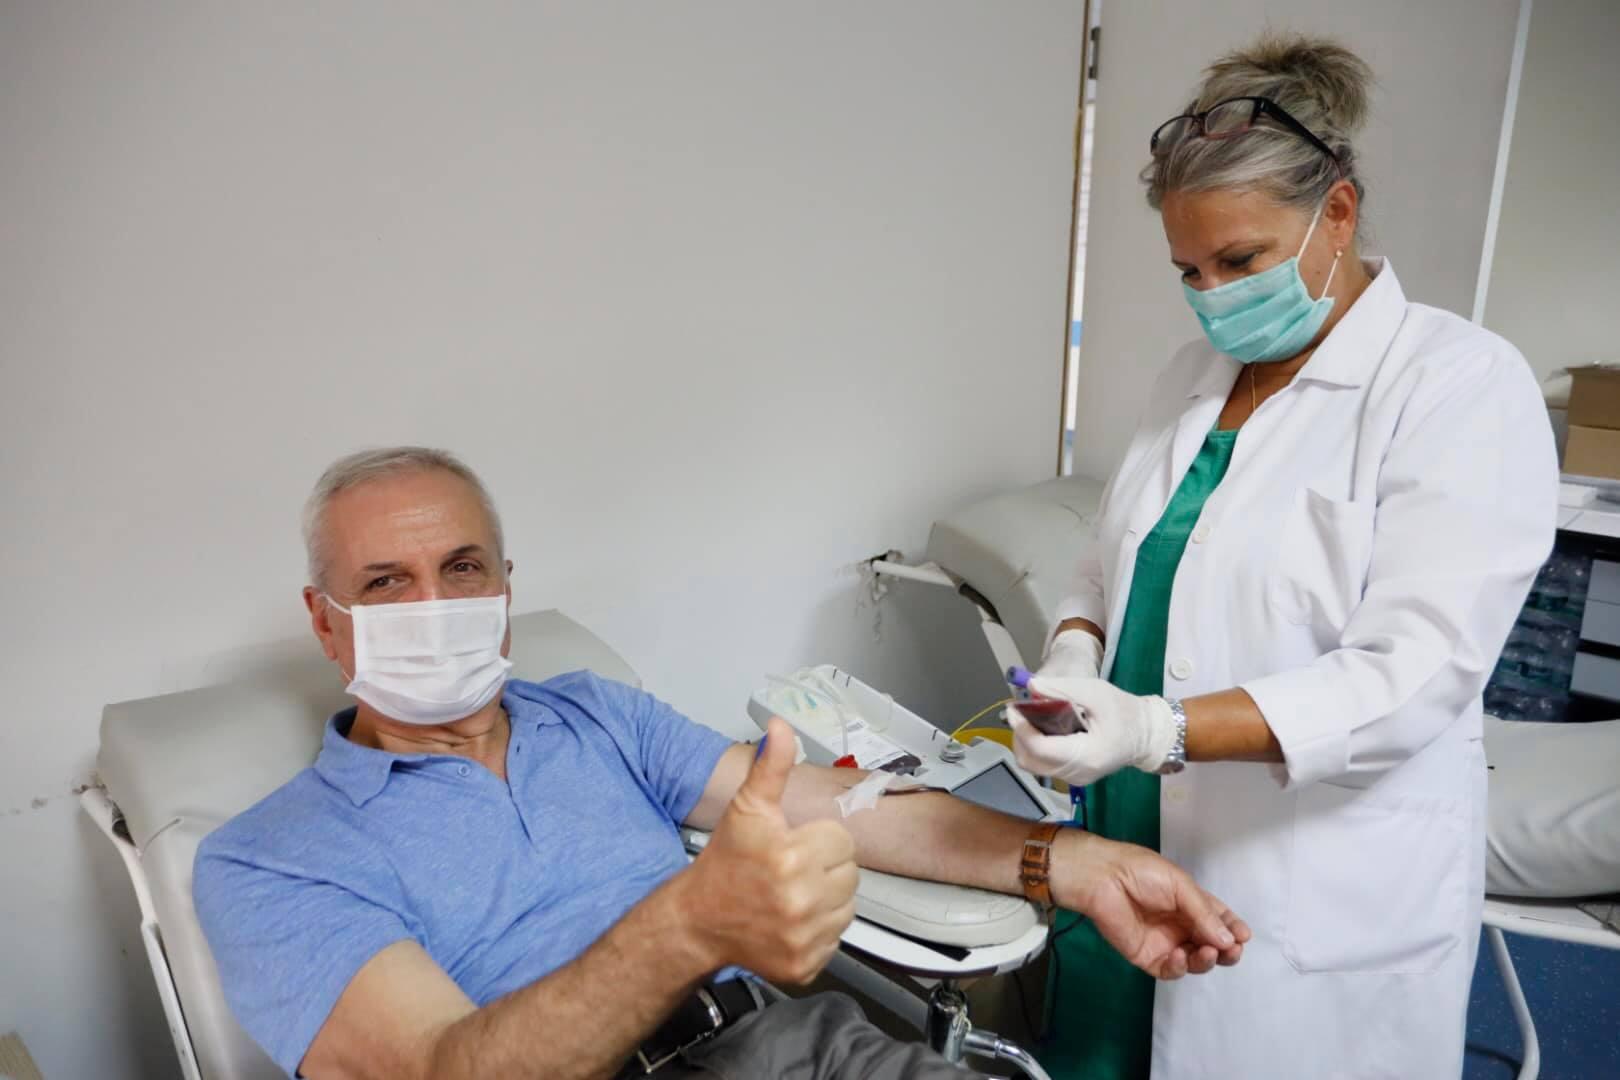 Mposhti koronavirusin, mjeku dhuron plazmën për pacientët që luftojnë me vdekjen te Infektivi